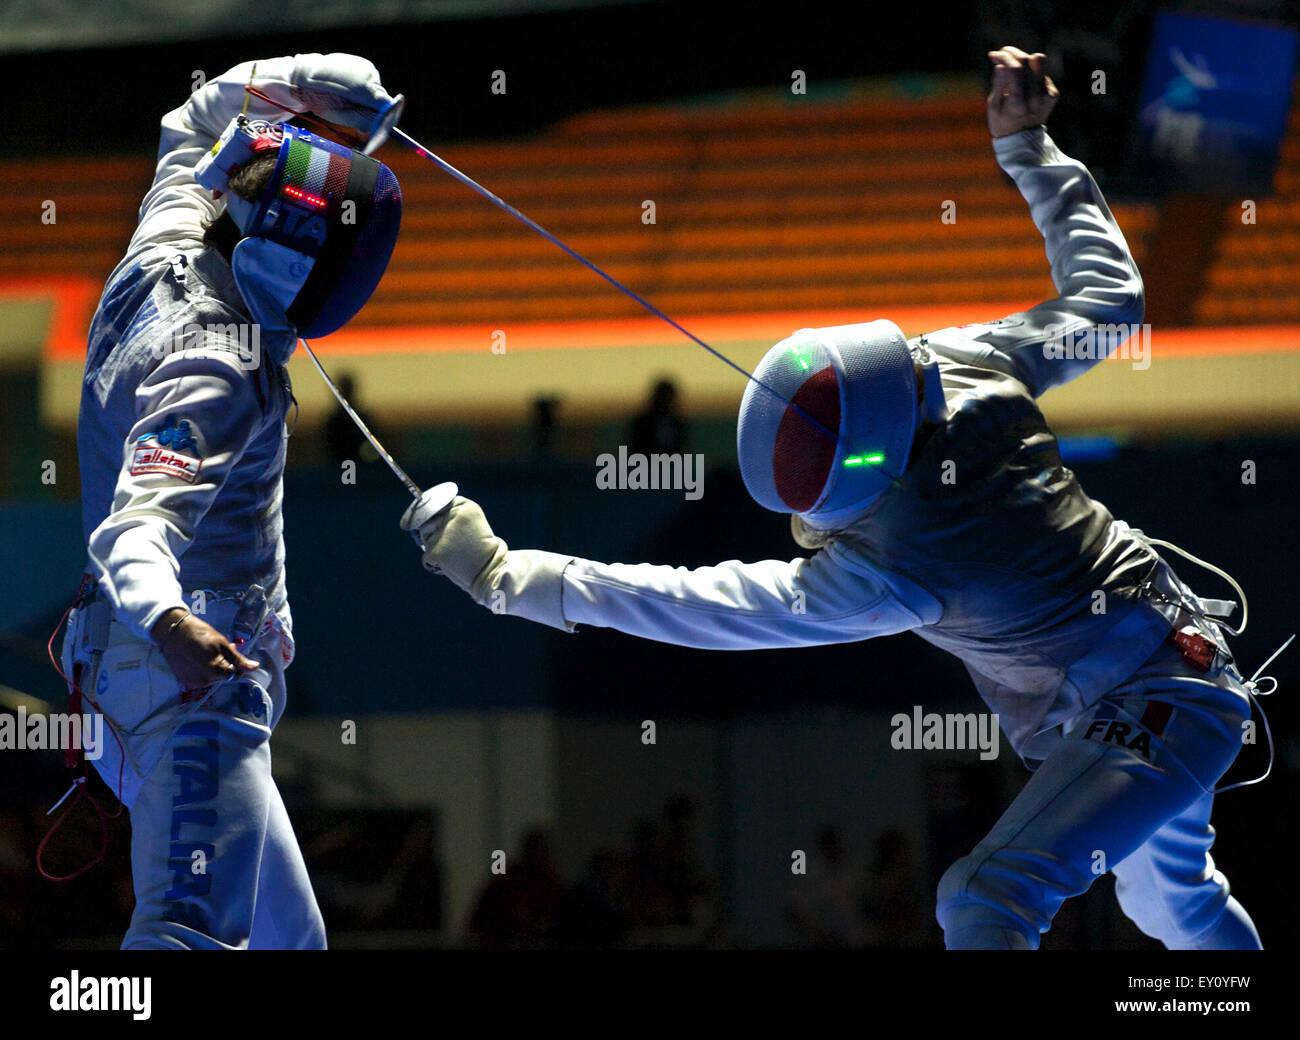 Moscú, Rusia. El 19 de julio de 2015. Andrea Baldini de Italia y CADOT Jeremy de Francia competir durante el Imagen De Stock